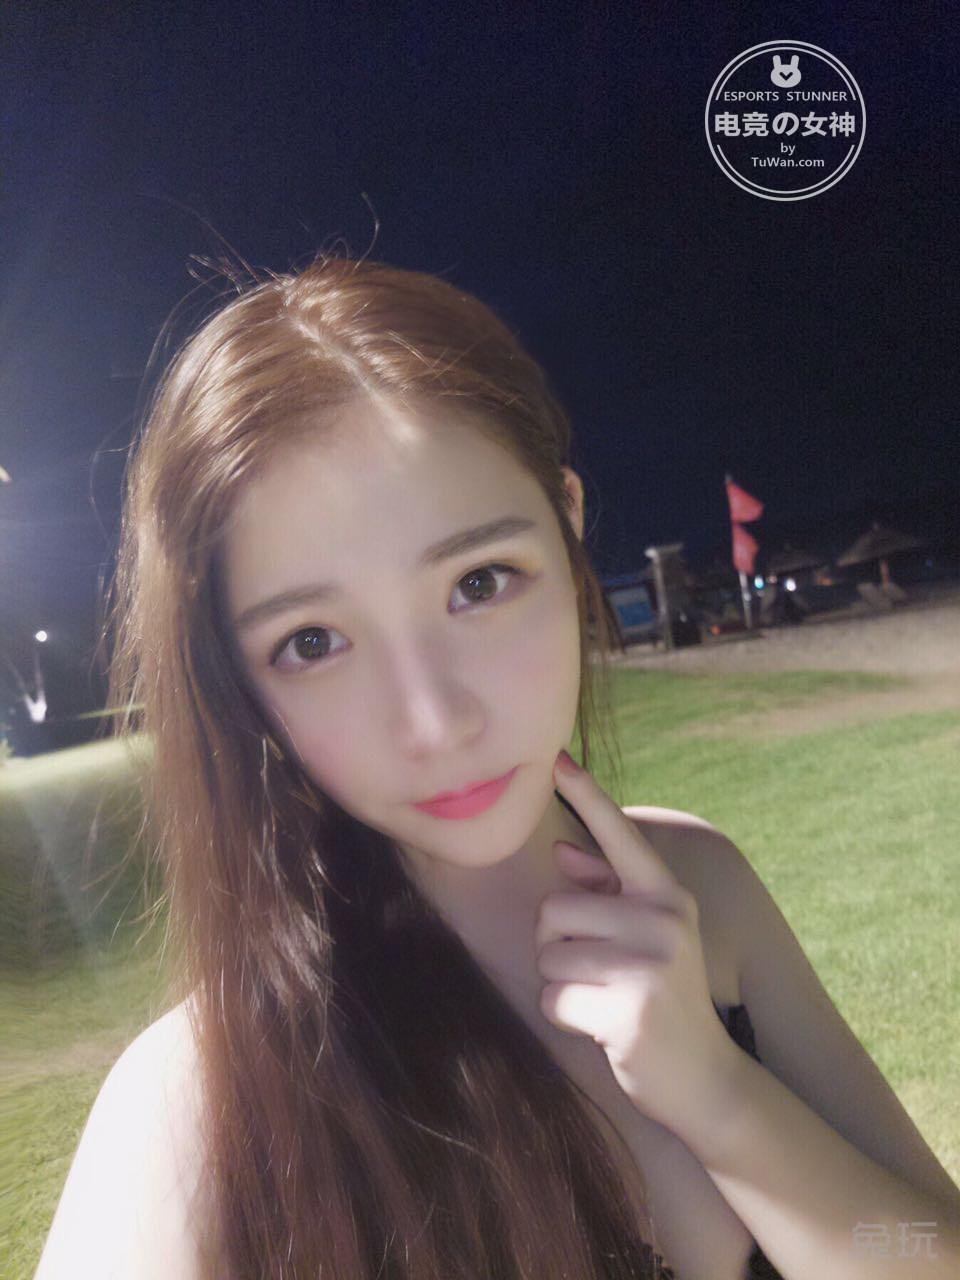 电竞女神第三期:校园女神林昕妍生活照